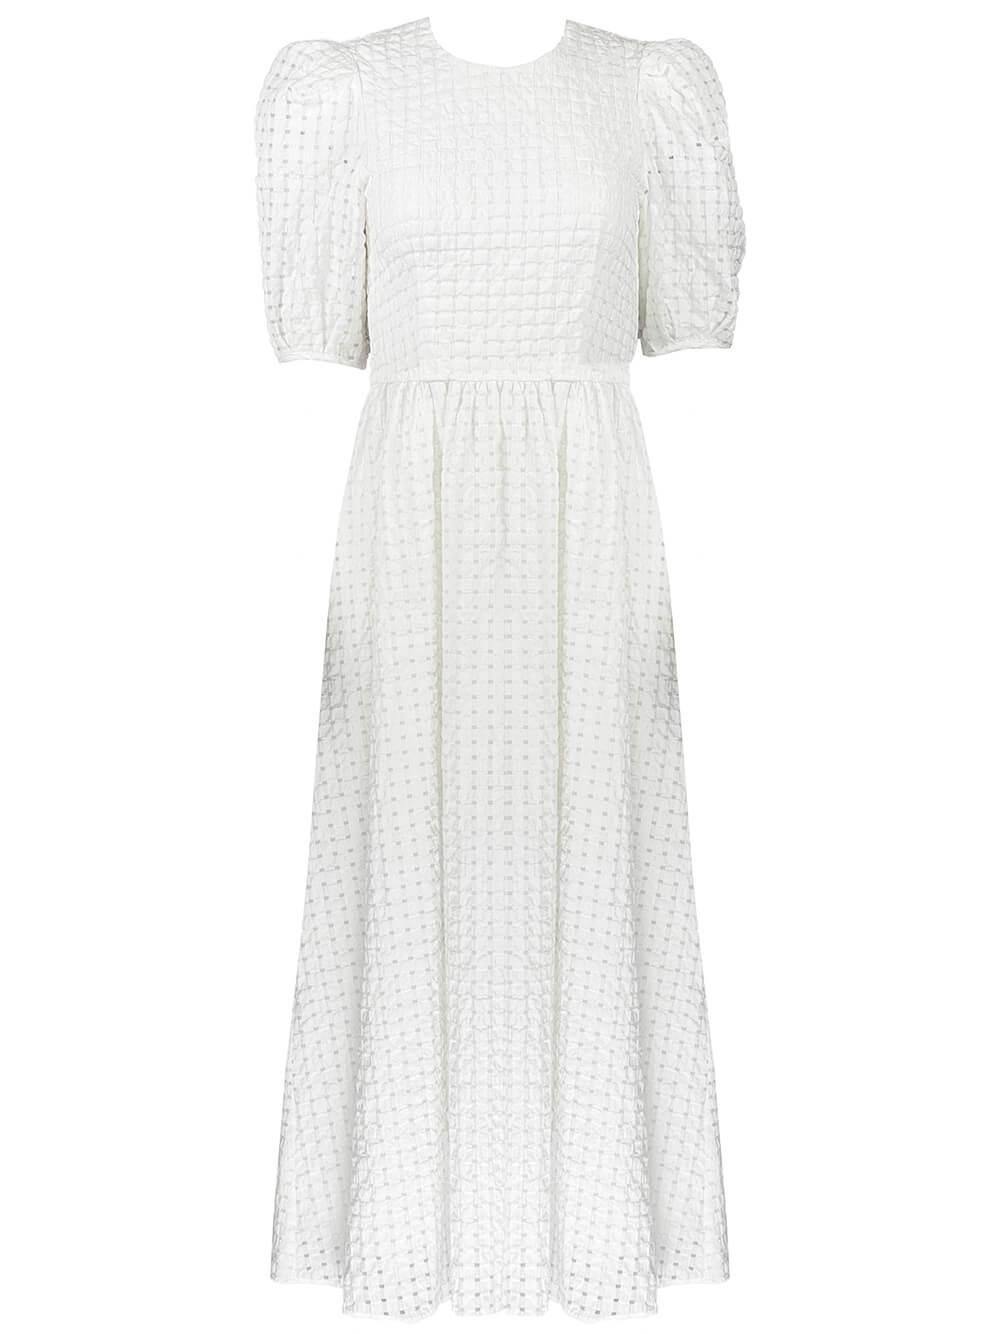 Rowan Seersucker Dress